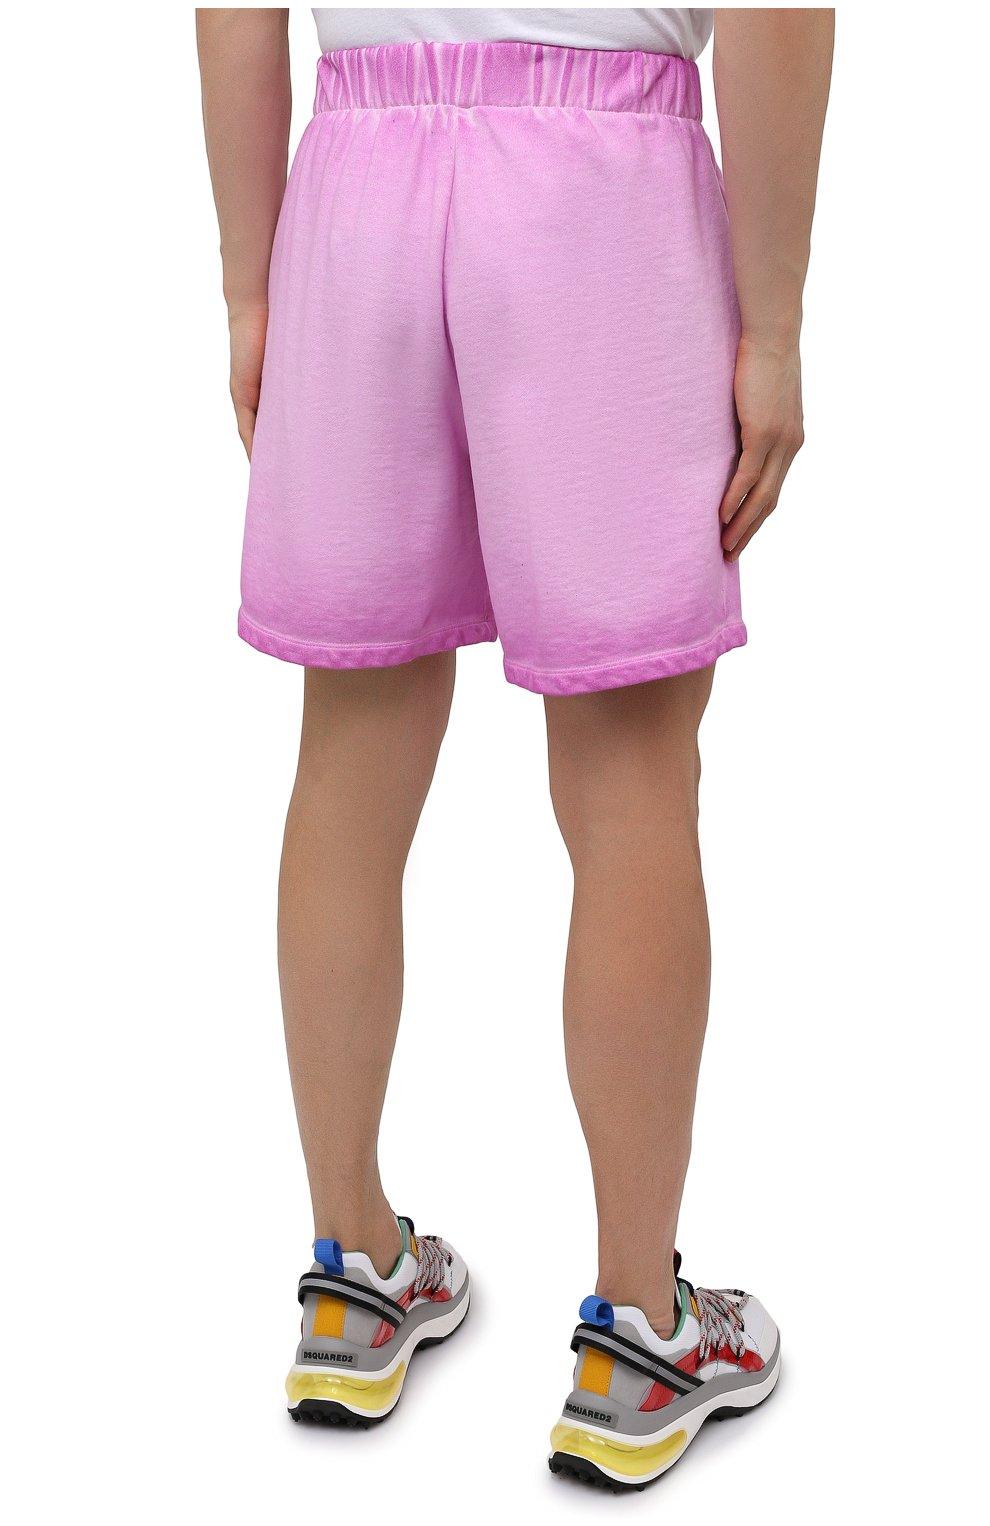 Мужские хлопковые шорты OPENING CEREMONY розового цвета, арт. YMCI001S21FLE001 | Фото 4 (Длина Шорты М: До колена; Принт: Без принта; Кросс-КТ: Трикотаж; Материал внешний: Хлопок; Стили: Спорт-шик)